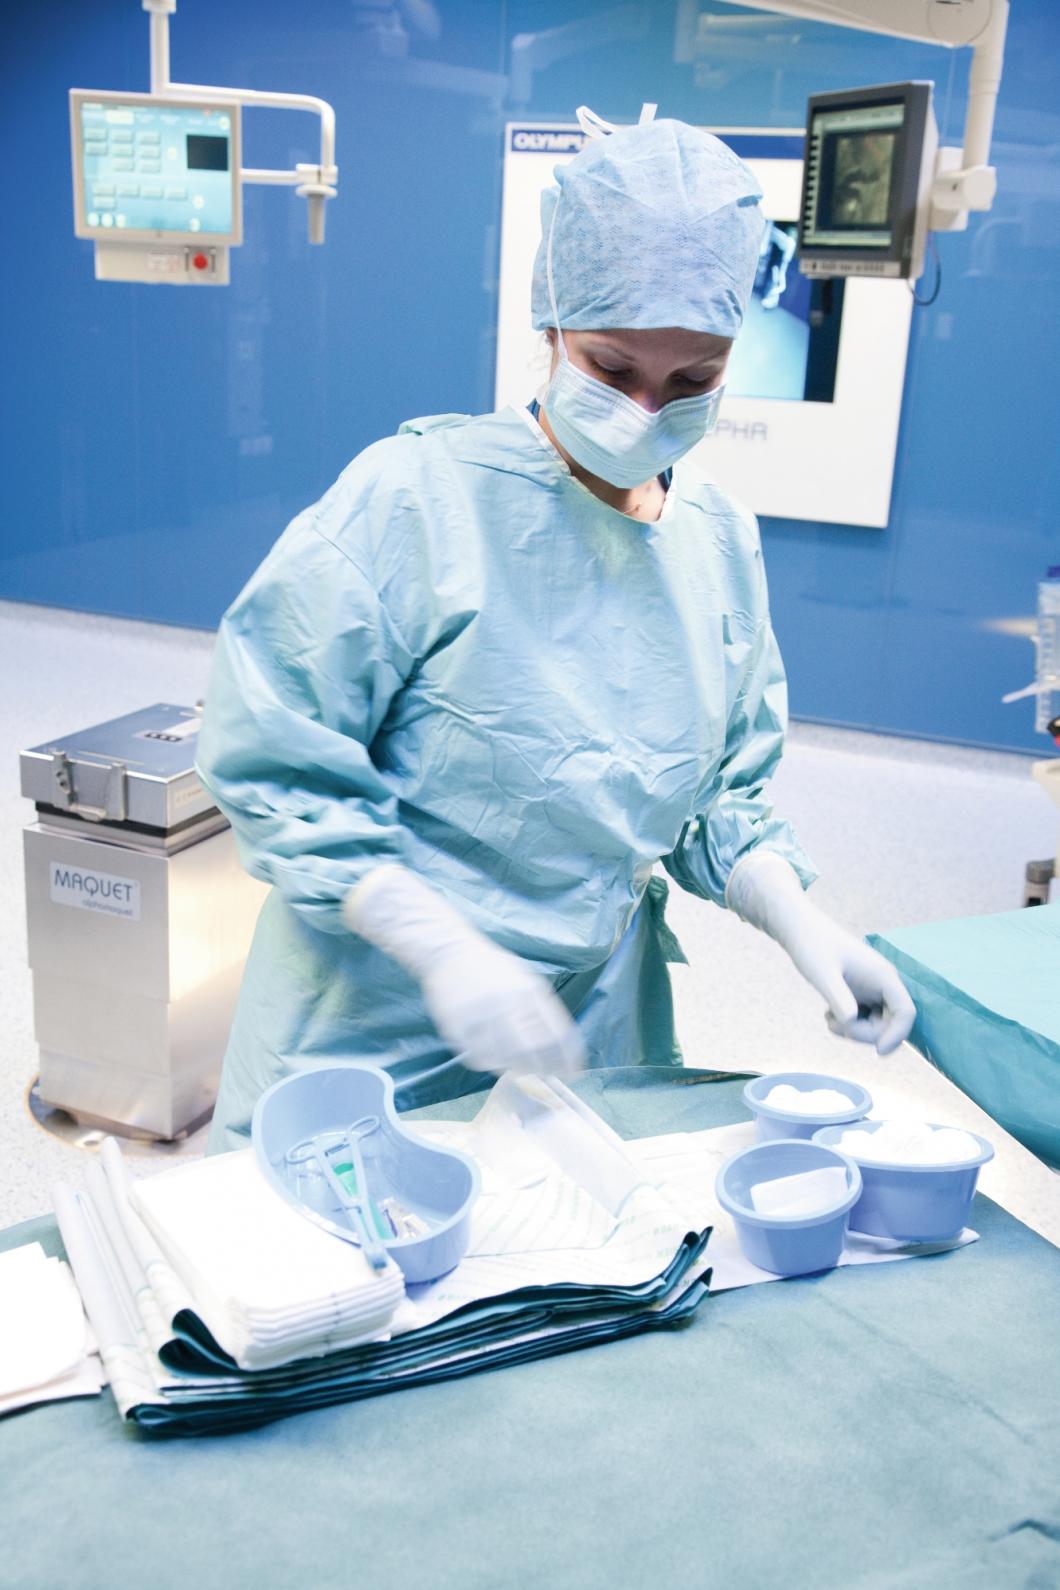 Latexvarning om felmärkta kirurgiska produkter